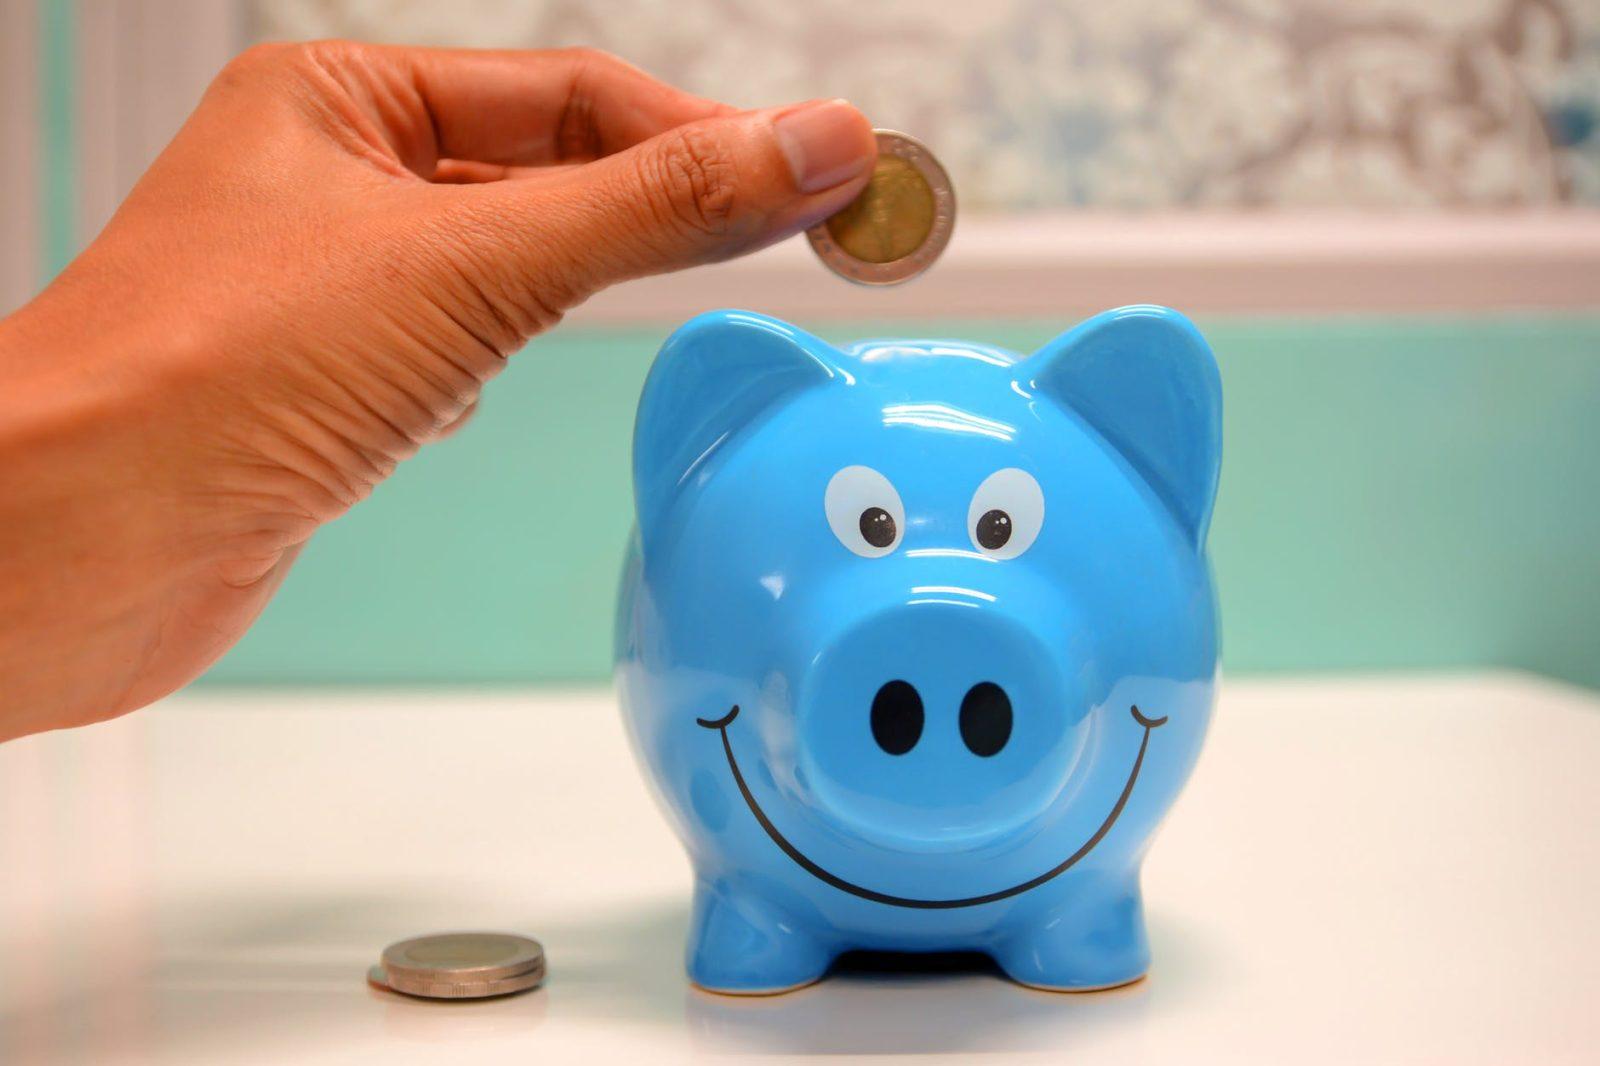 9 מיתוסים על כסף שאנחנו שומעים כל הזמן –  שיכולים לעצור אותך מלהתעשר